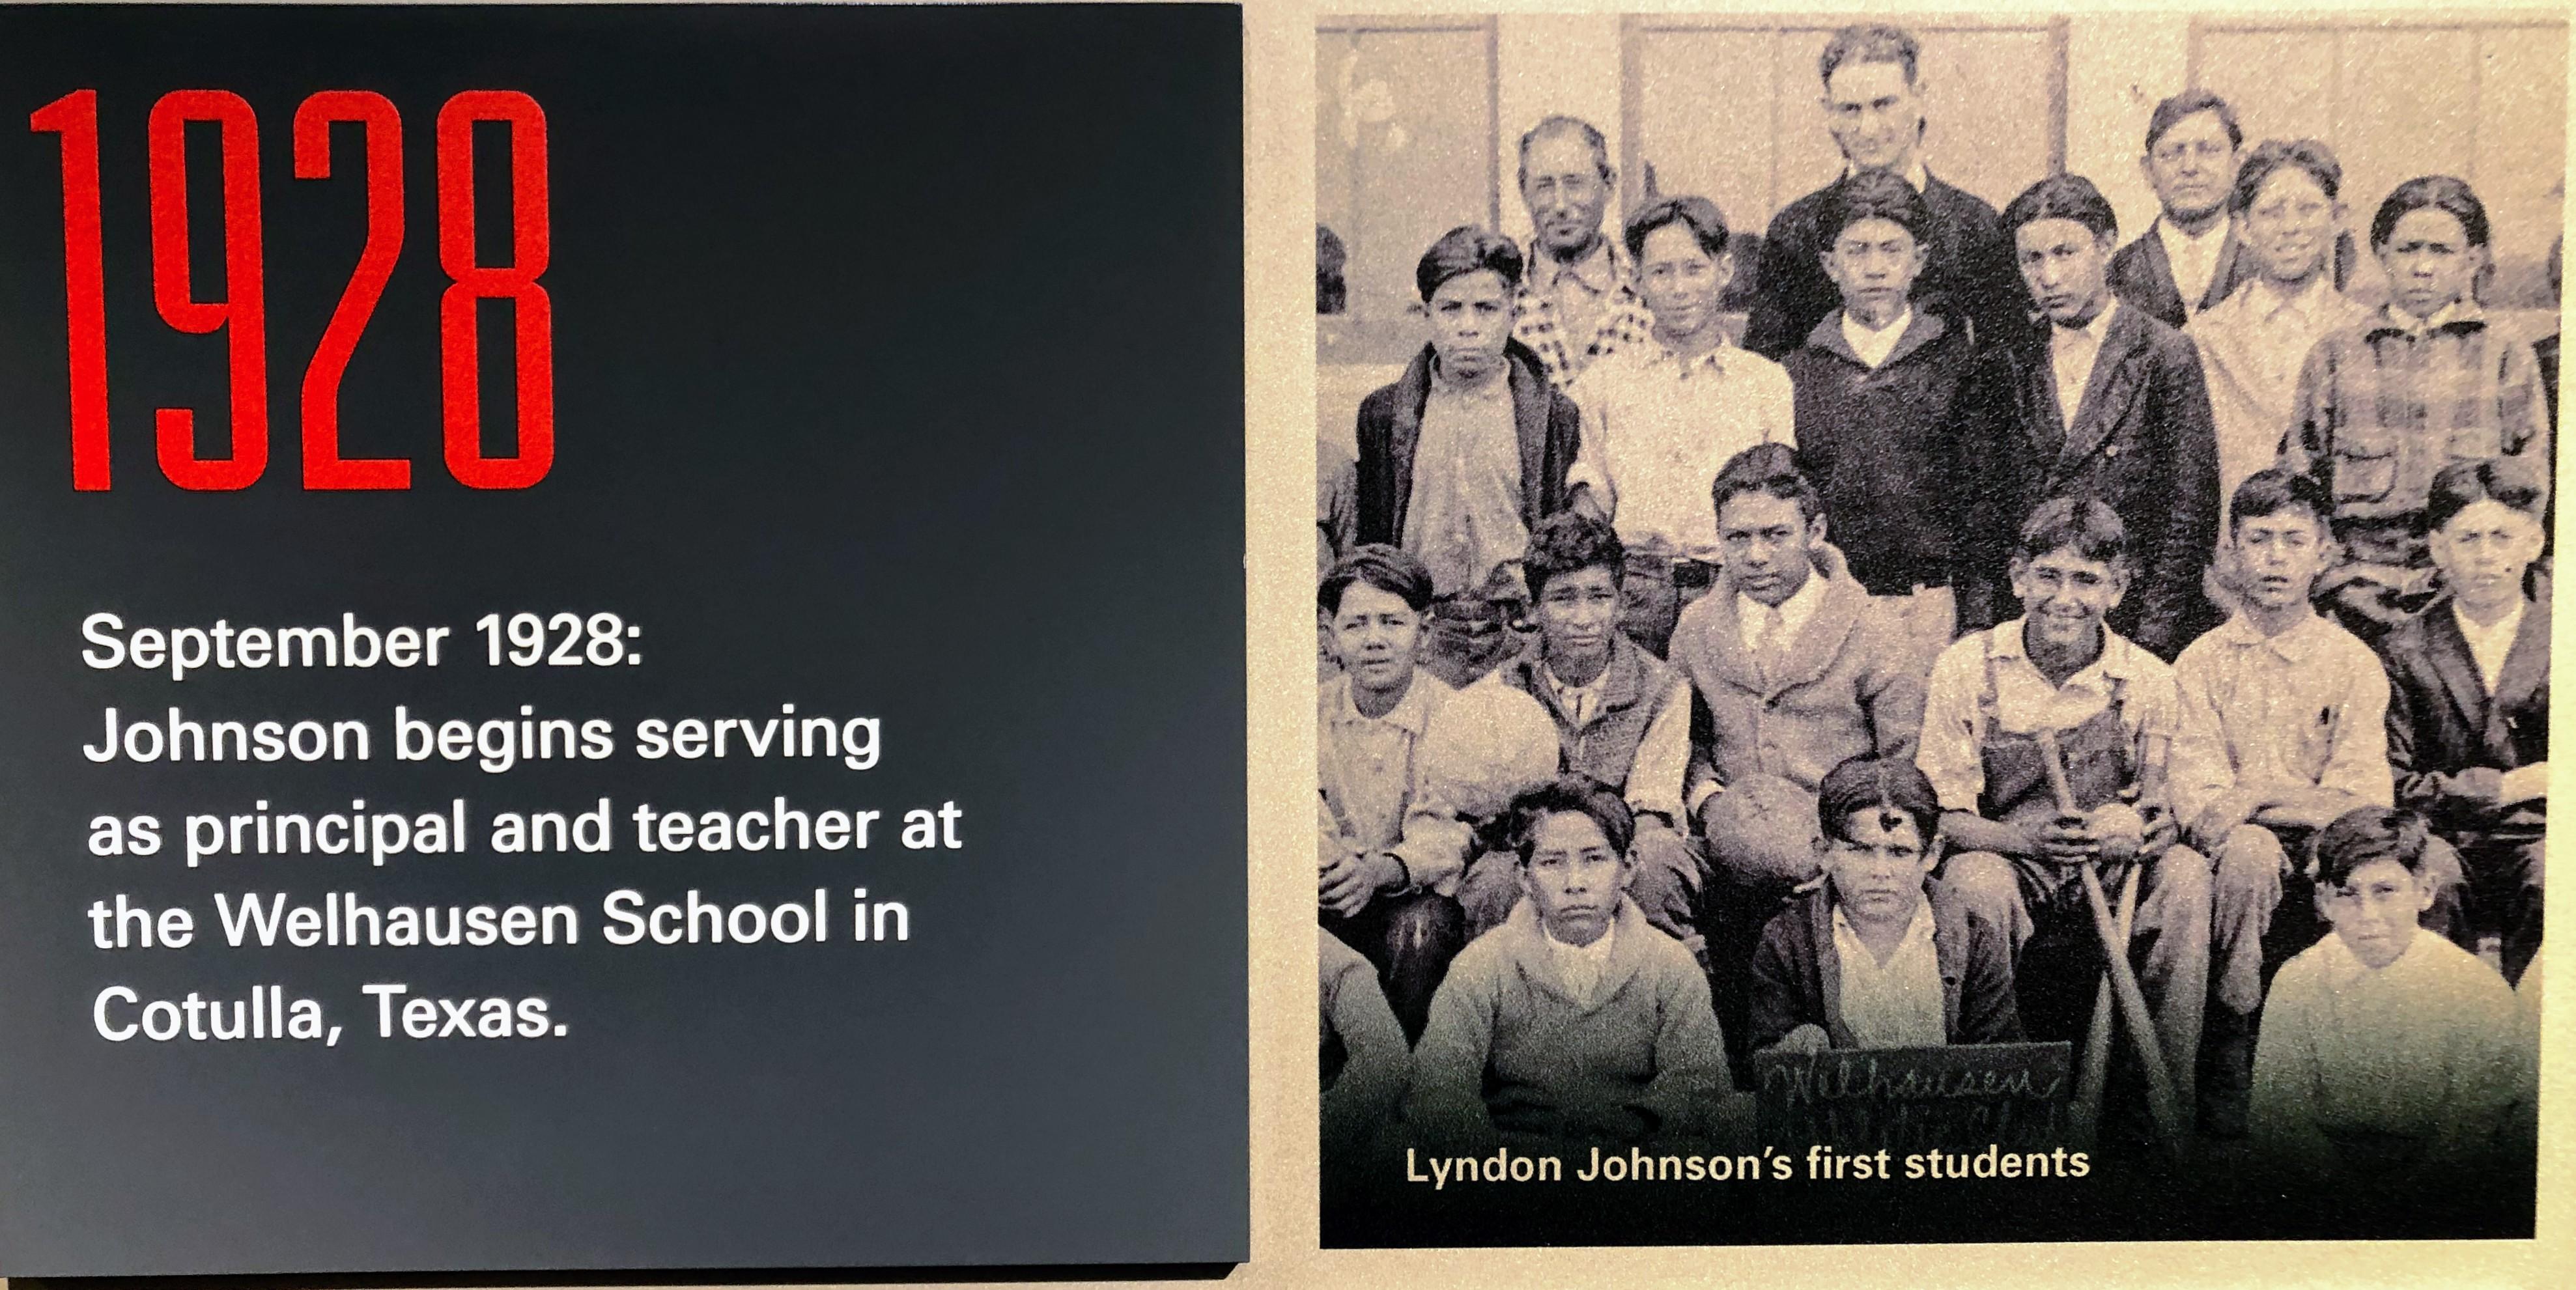 LBJ as a school teacher